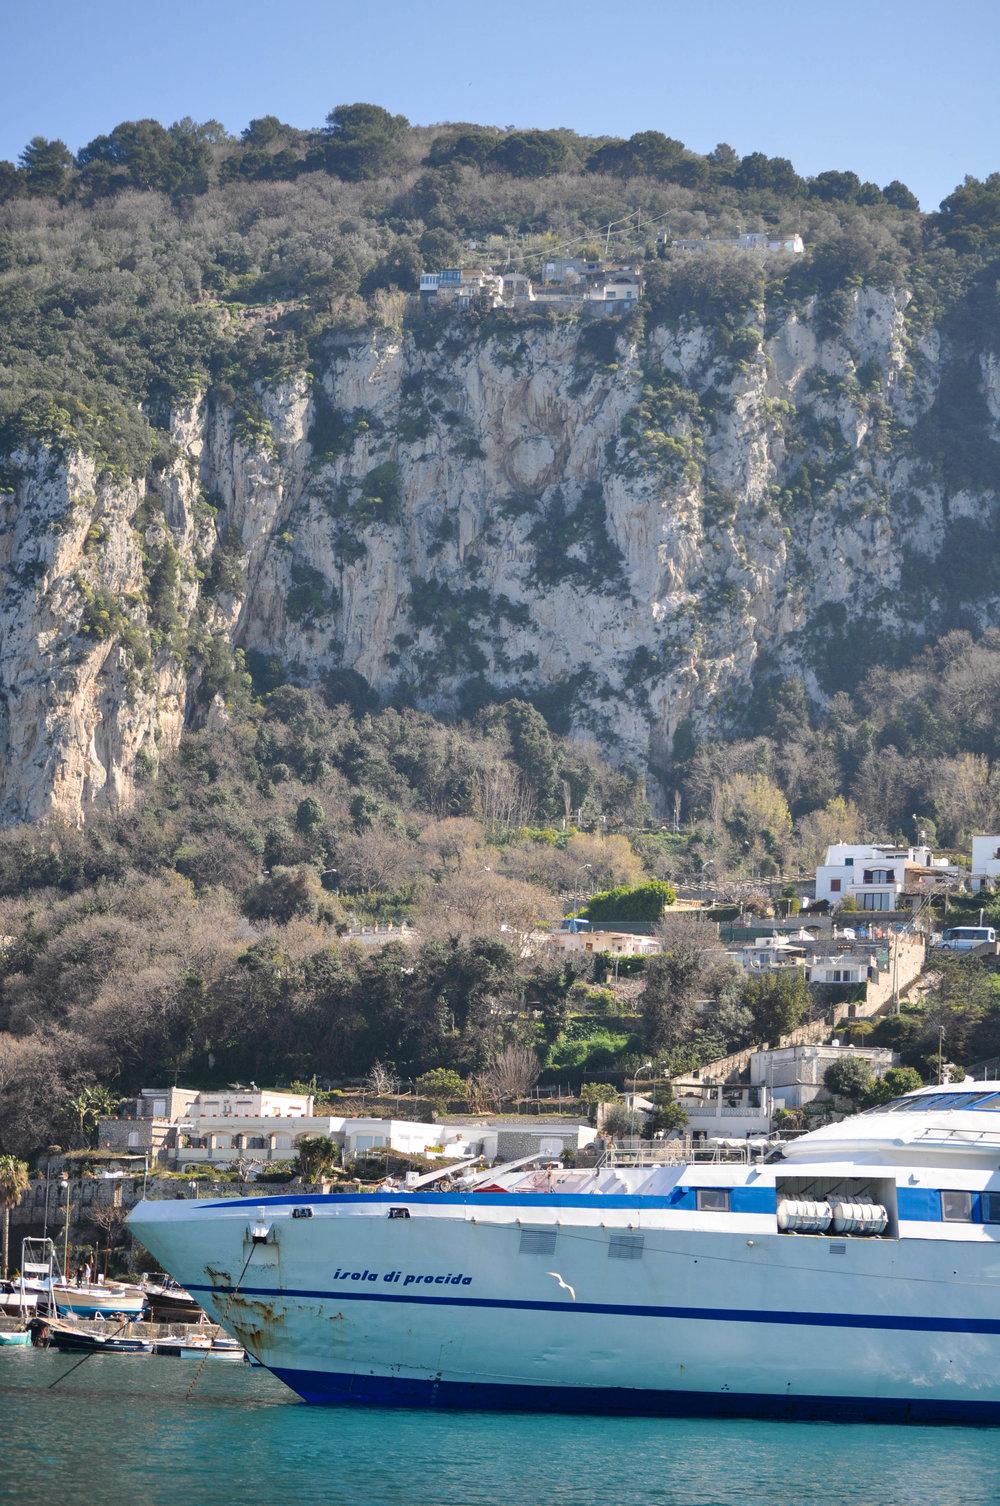 AmalfiCapriPompeii-3.jpg